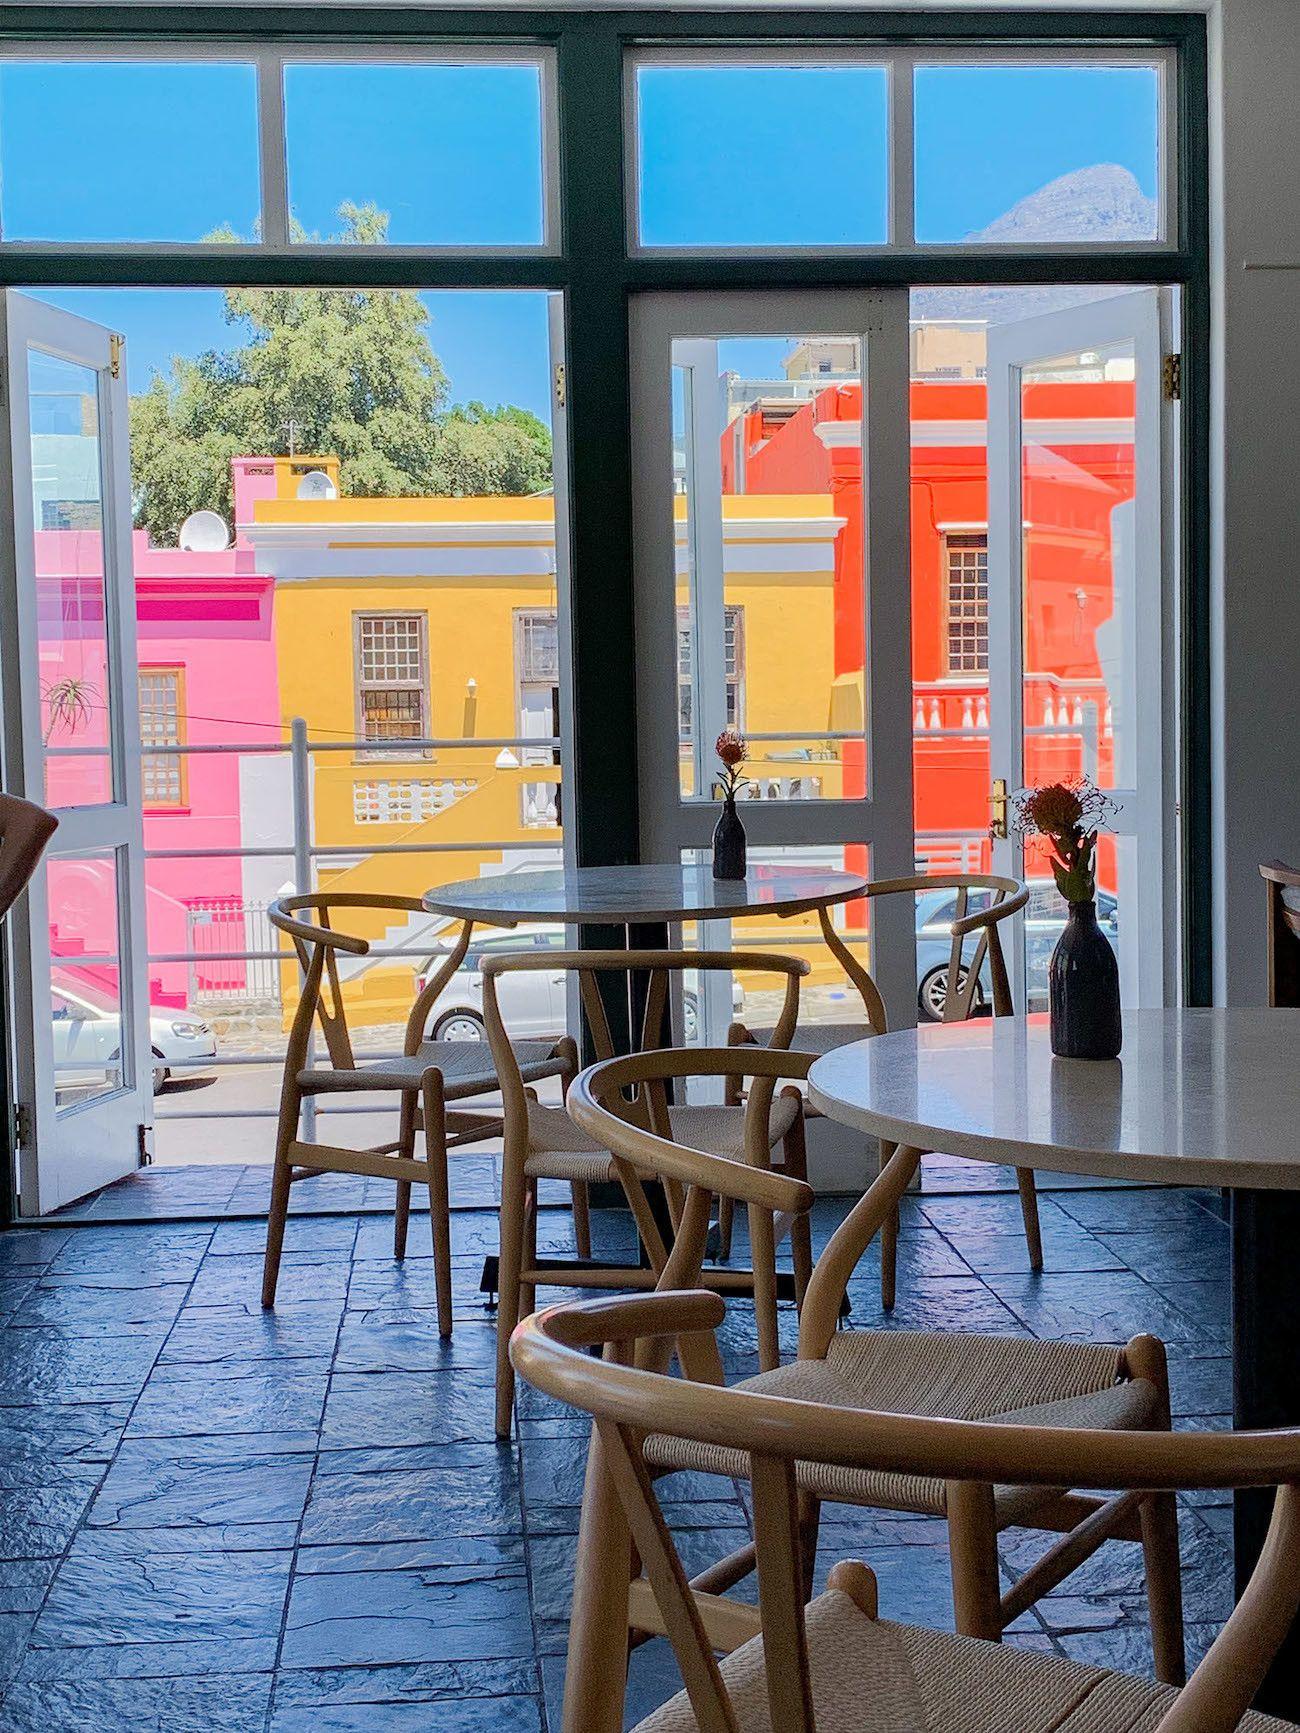 Frühstücks - und Brunch Guide für Kapstadt, Harvest Cafe, Bo Kaap